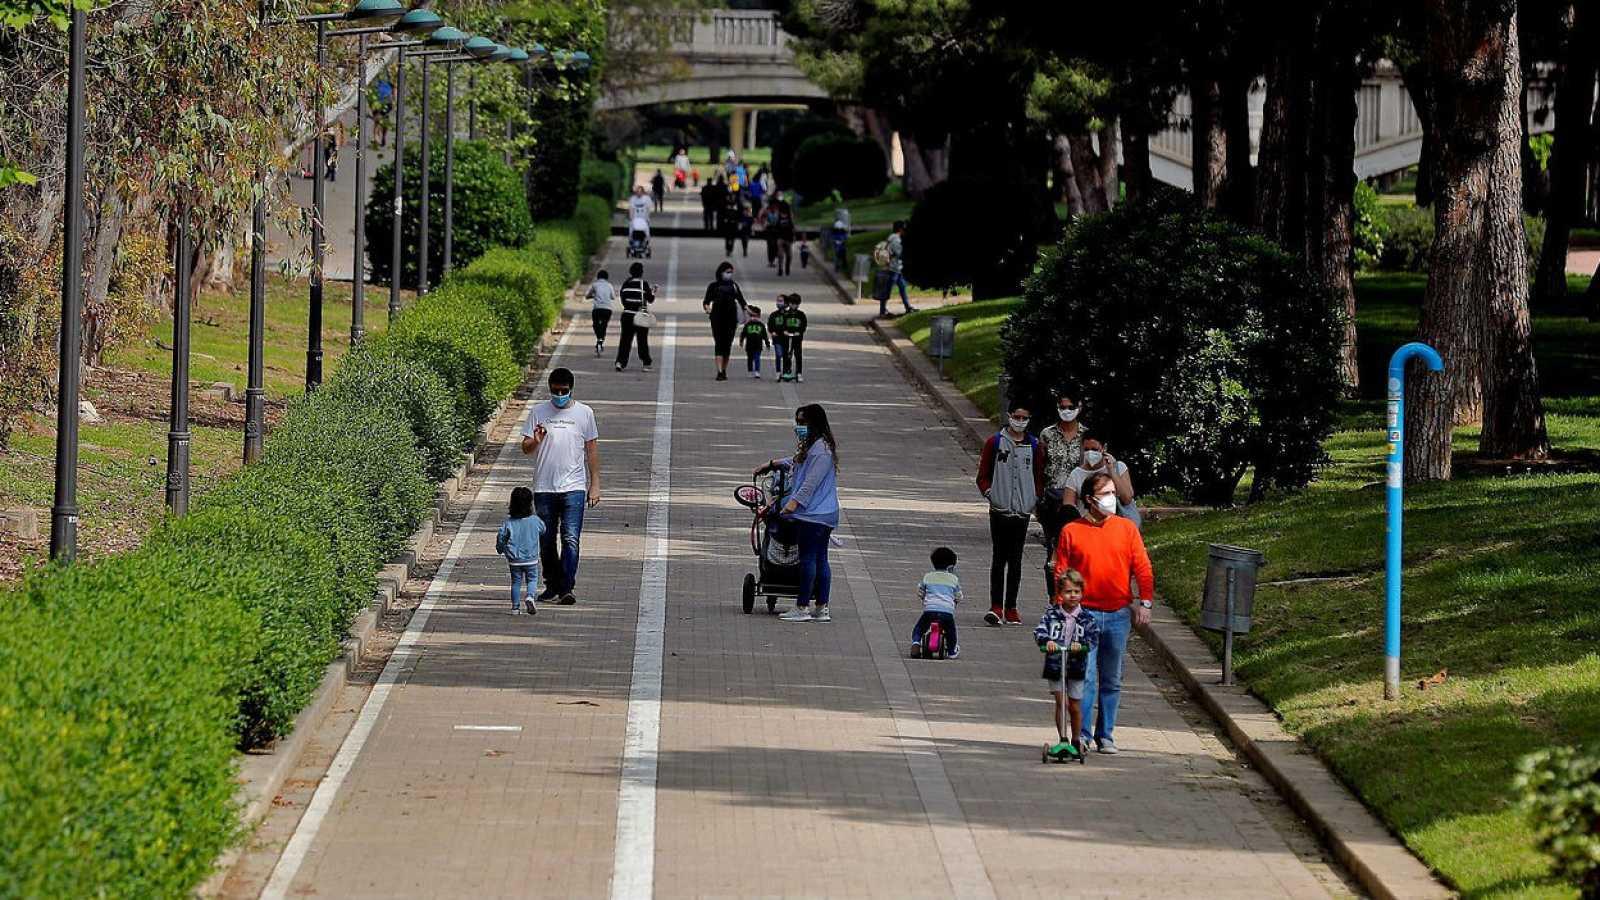 Familias paseando por las calles de Valencia con mascarillas.